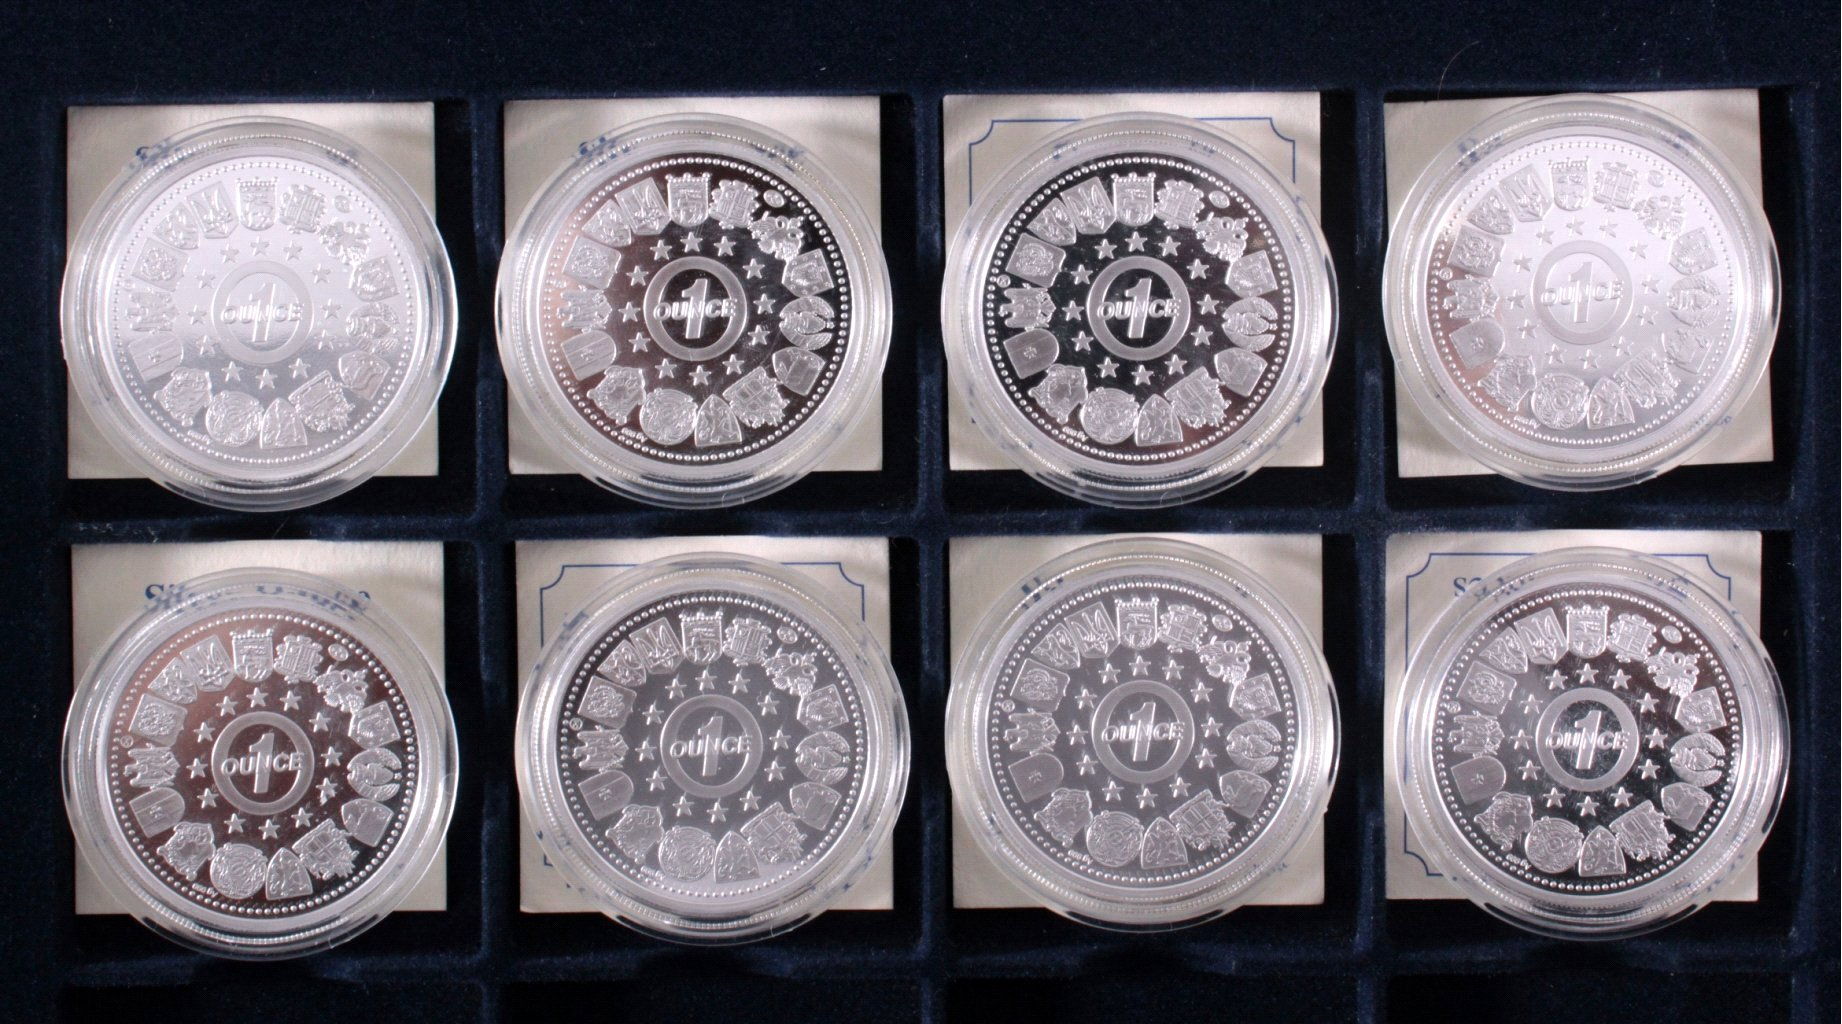 Europa, Konvolut von 8 Silbermünzen aus Europa-1